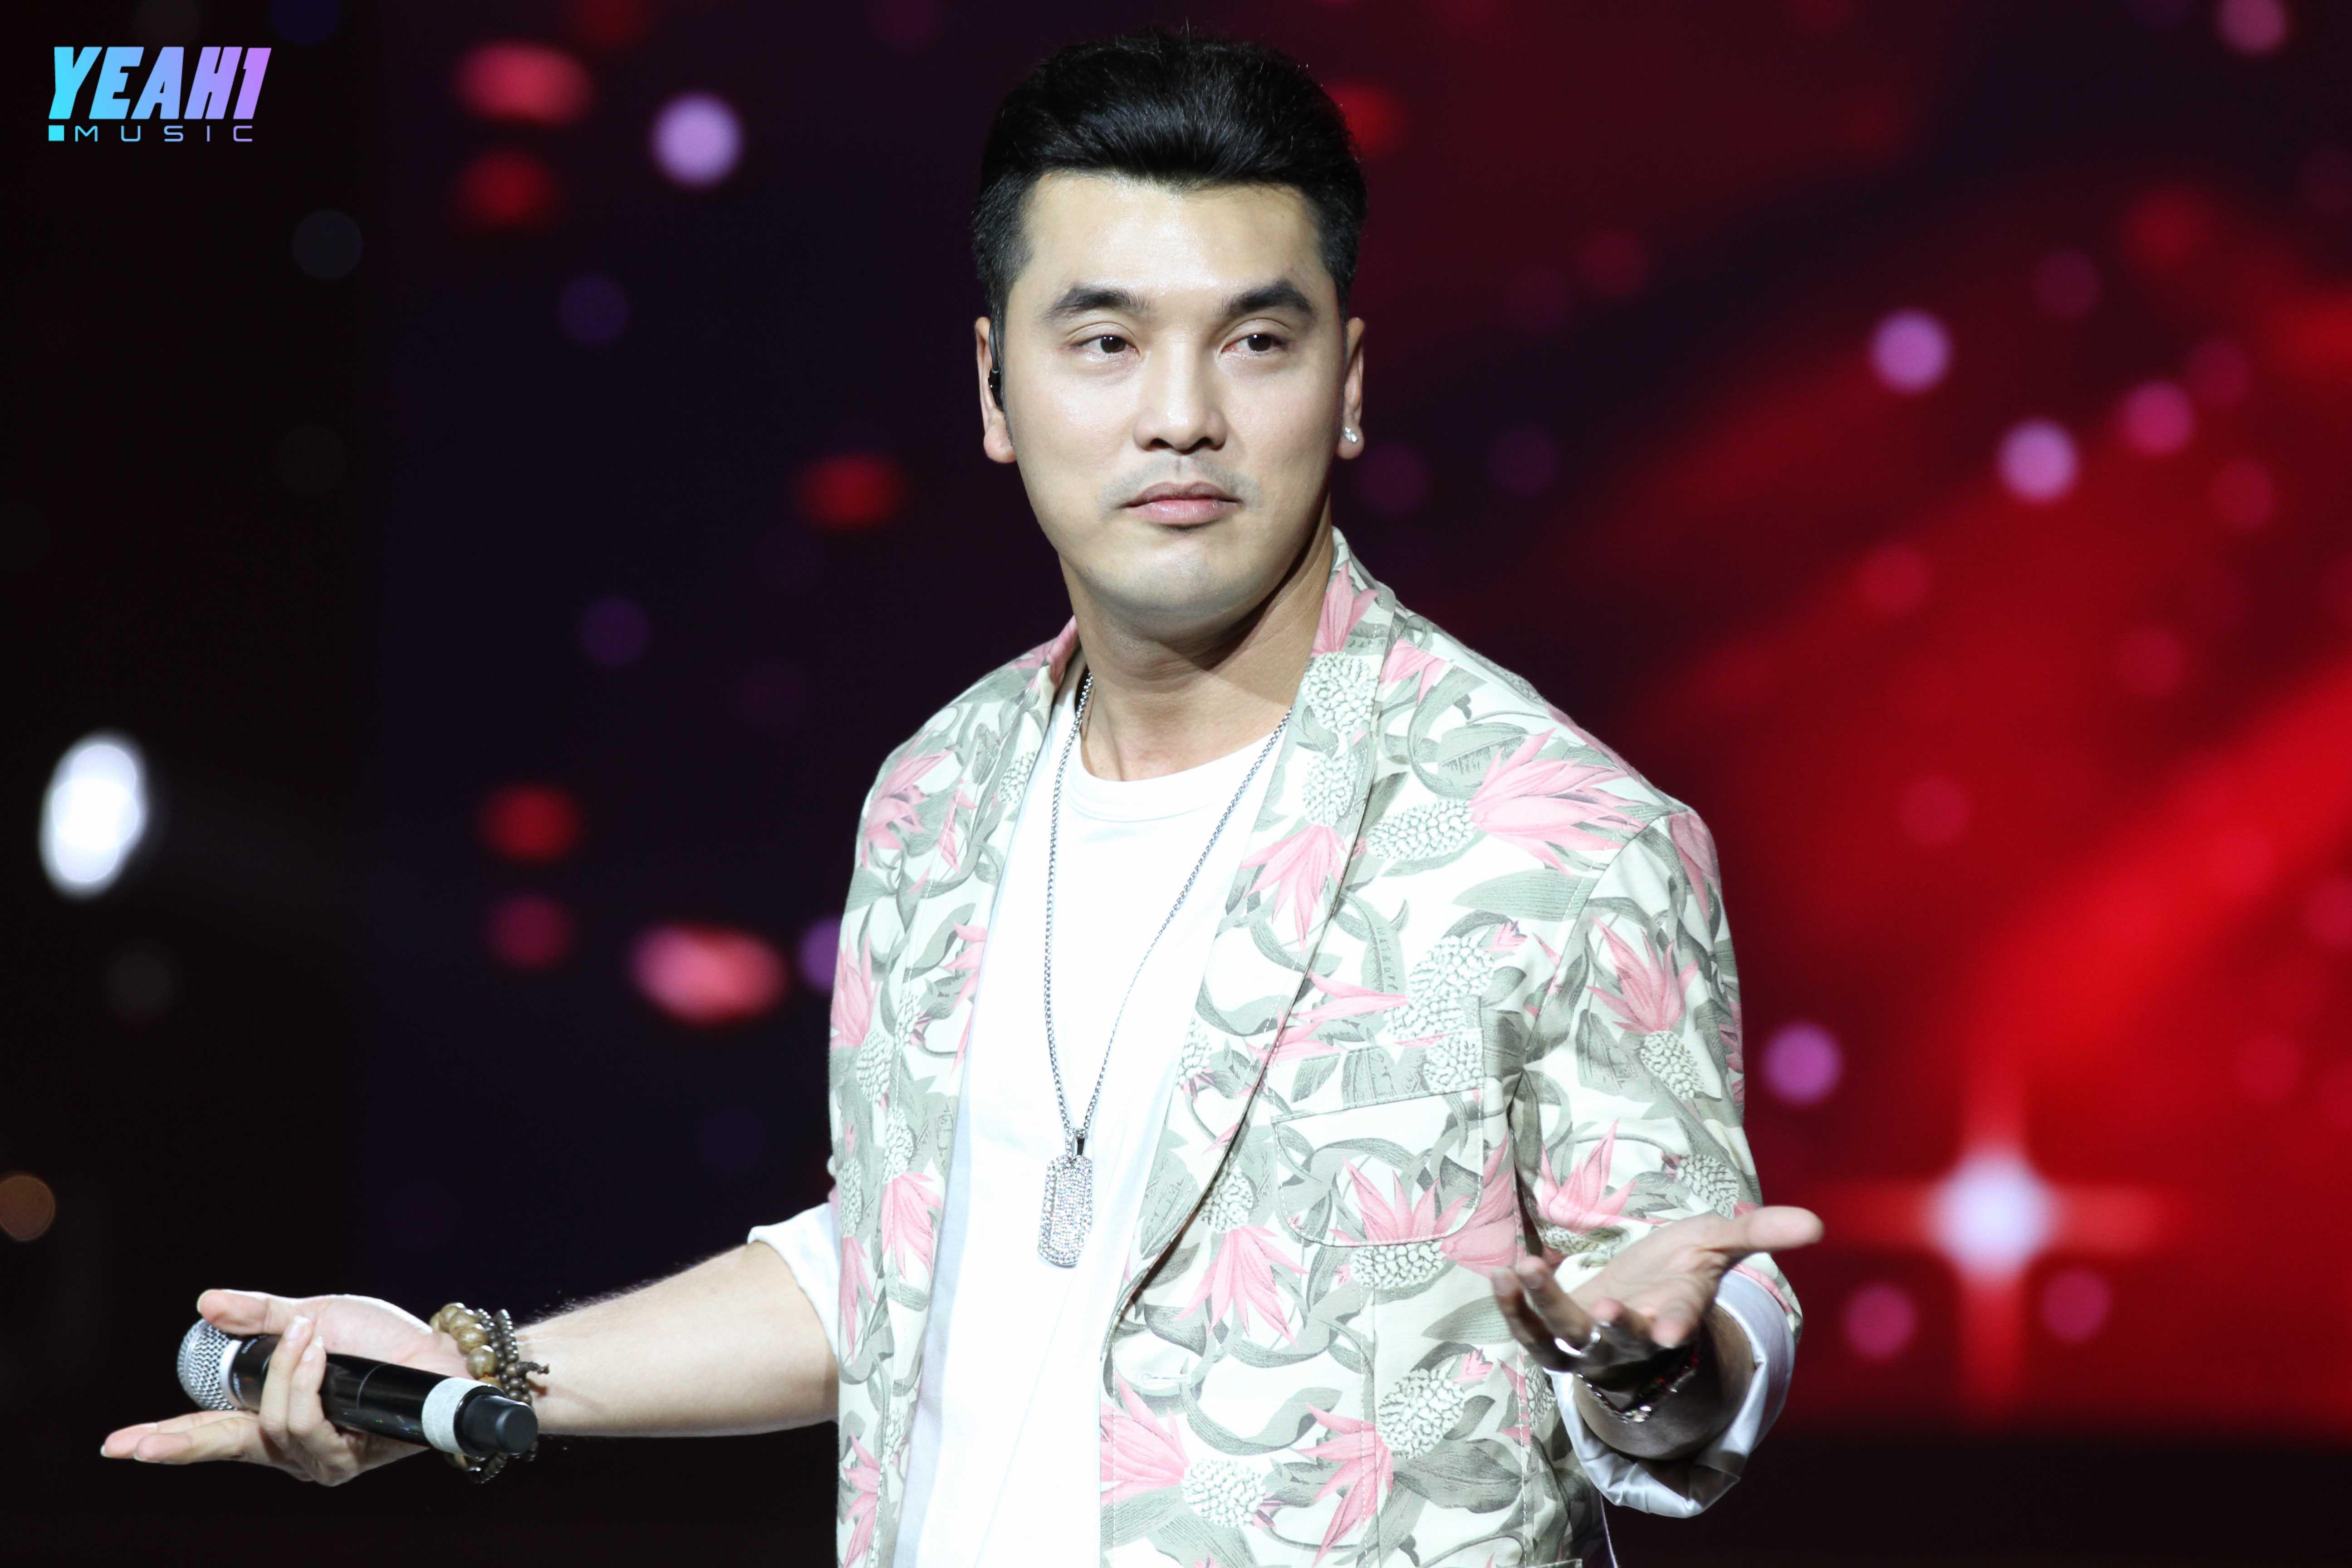 Ưng Hoàng Phúc xuất hiện bất ngờ, remix hit cũ đầy sôi động trên sân khấu V Heartbeat